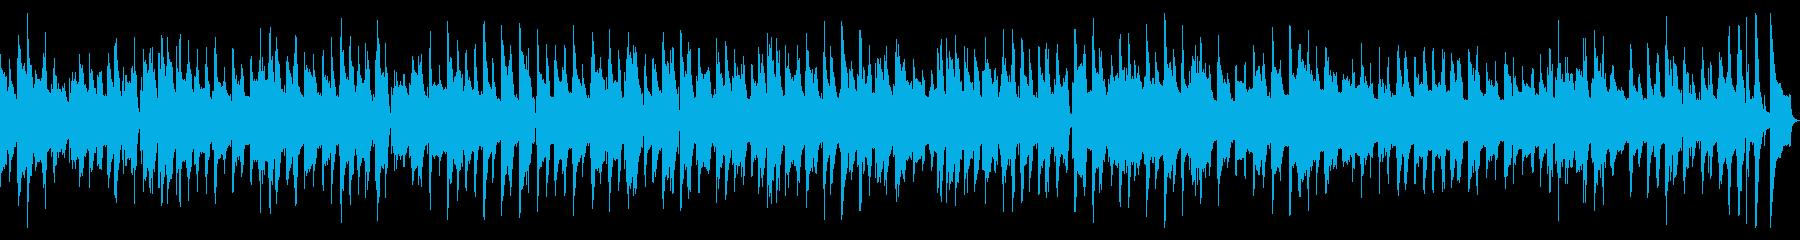 ピアノとギターのまったりジャズの再生済みの波形